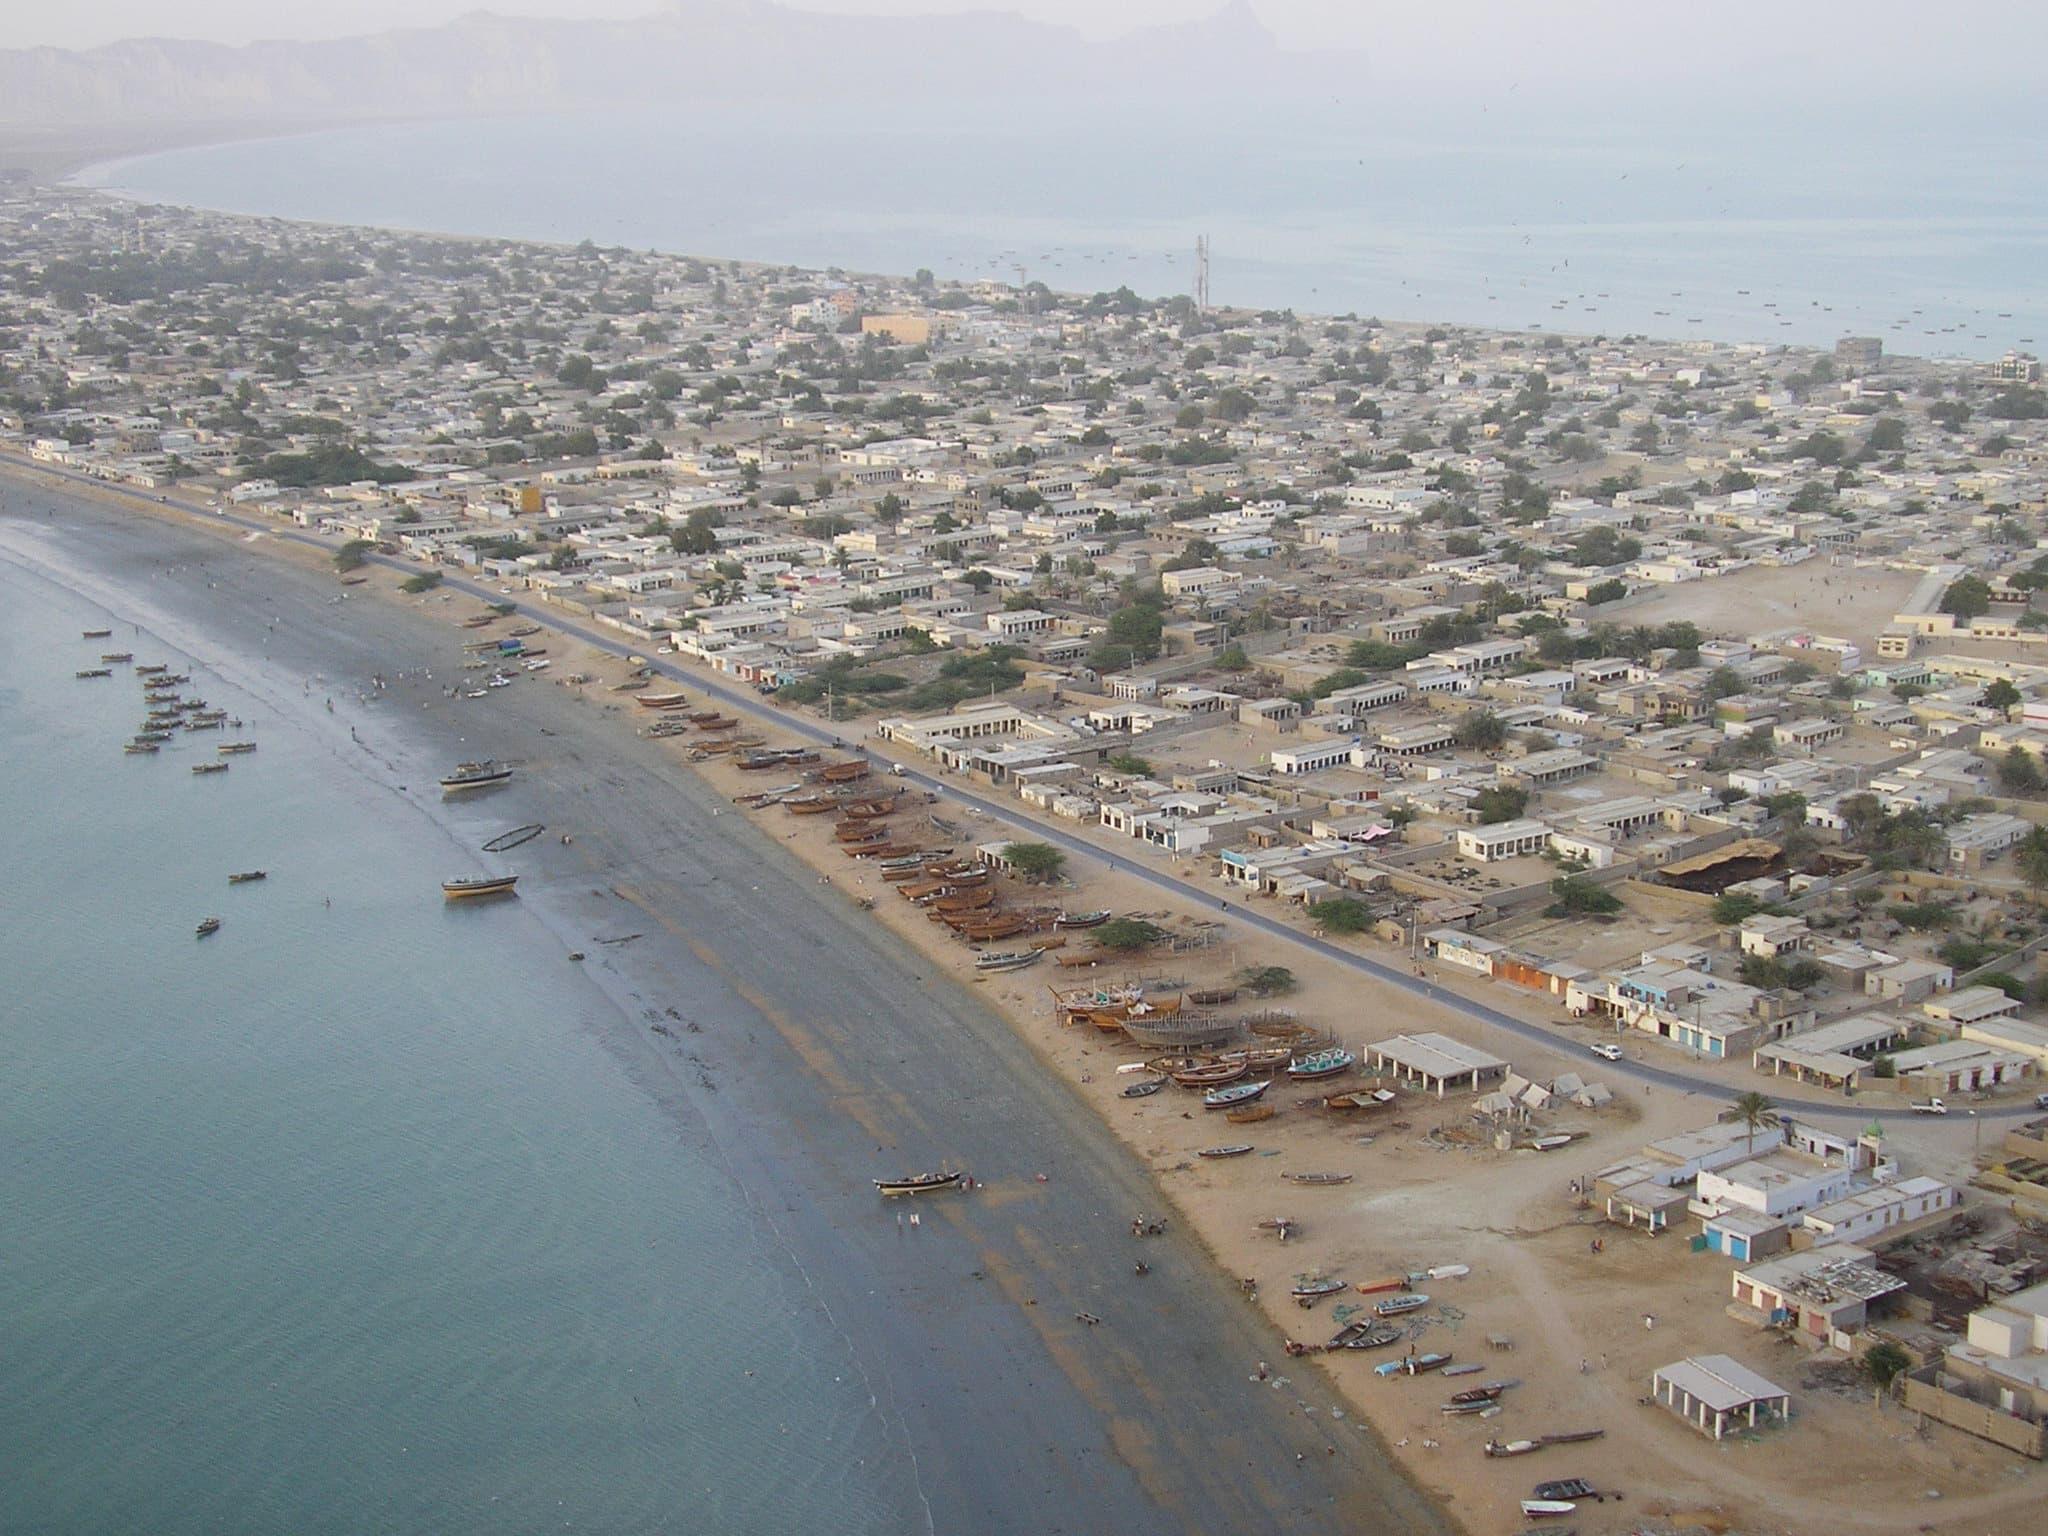 Gwadar city, Wikimedia